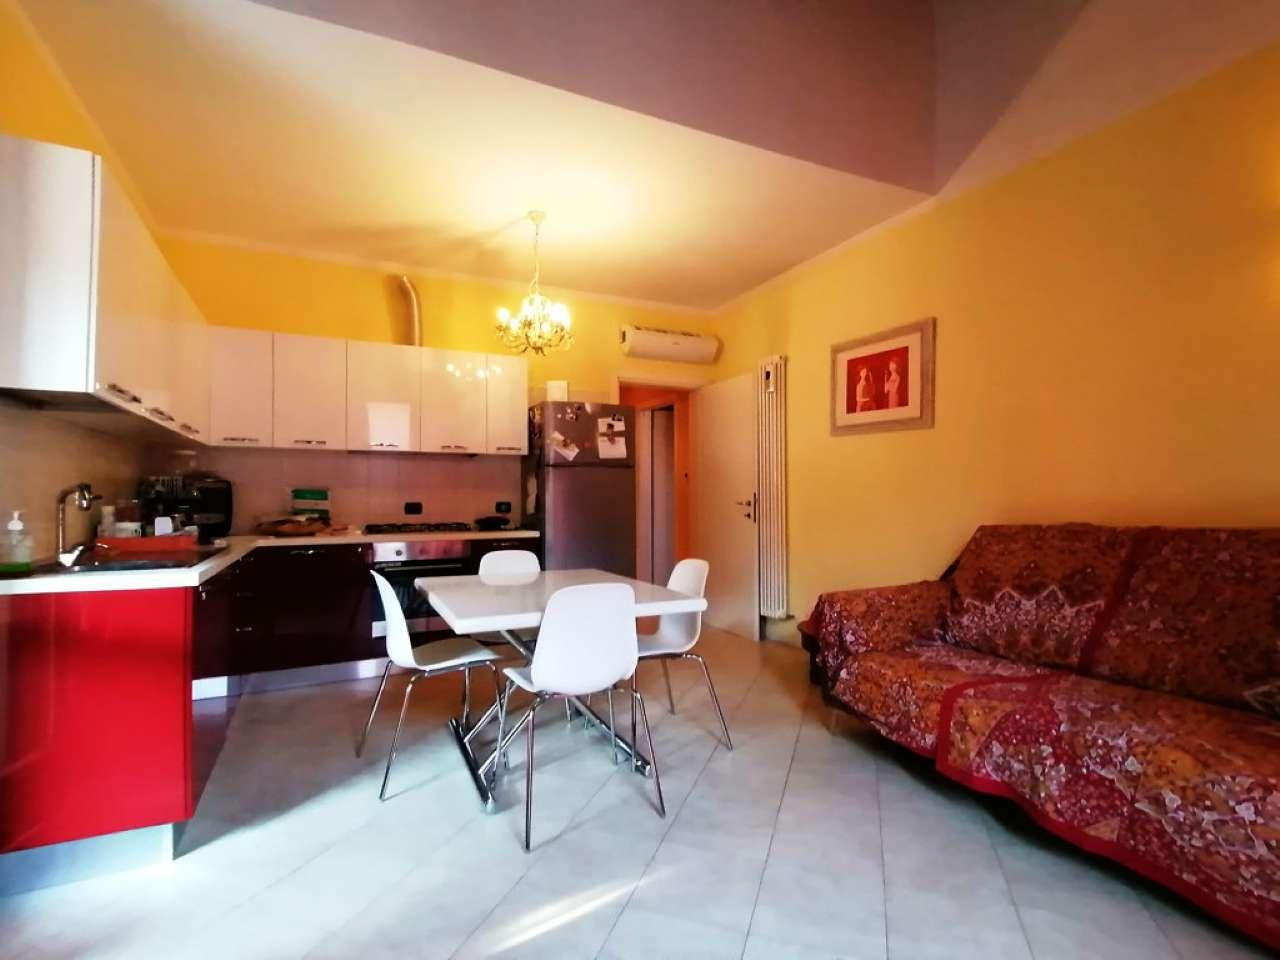 Appartamento in vendita a Sasso Marconi, 4 locali, prezzo € 310.000 | PortaleAgenzieImmobiliari.it